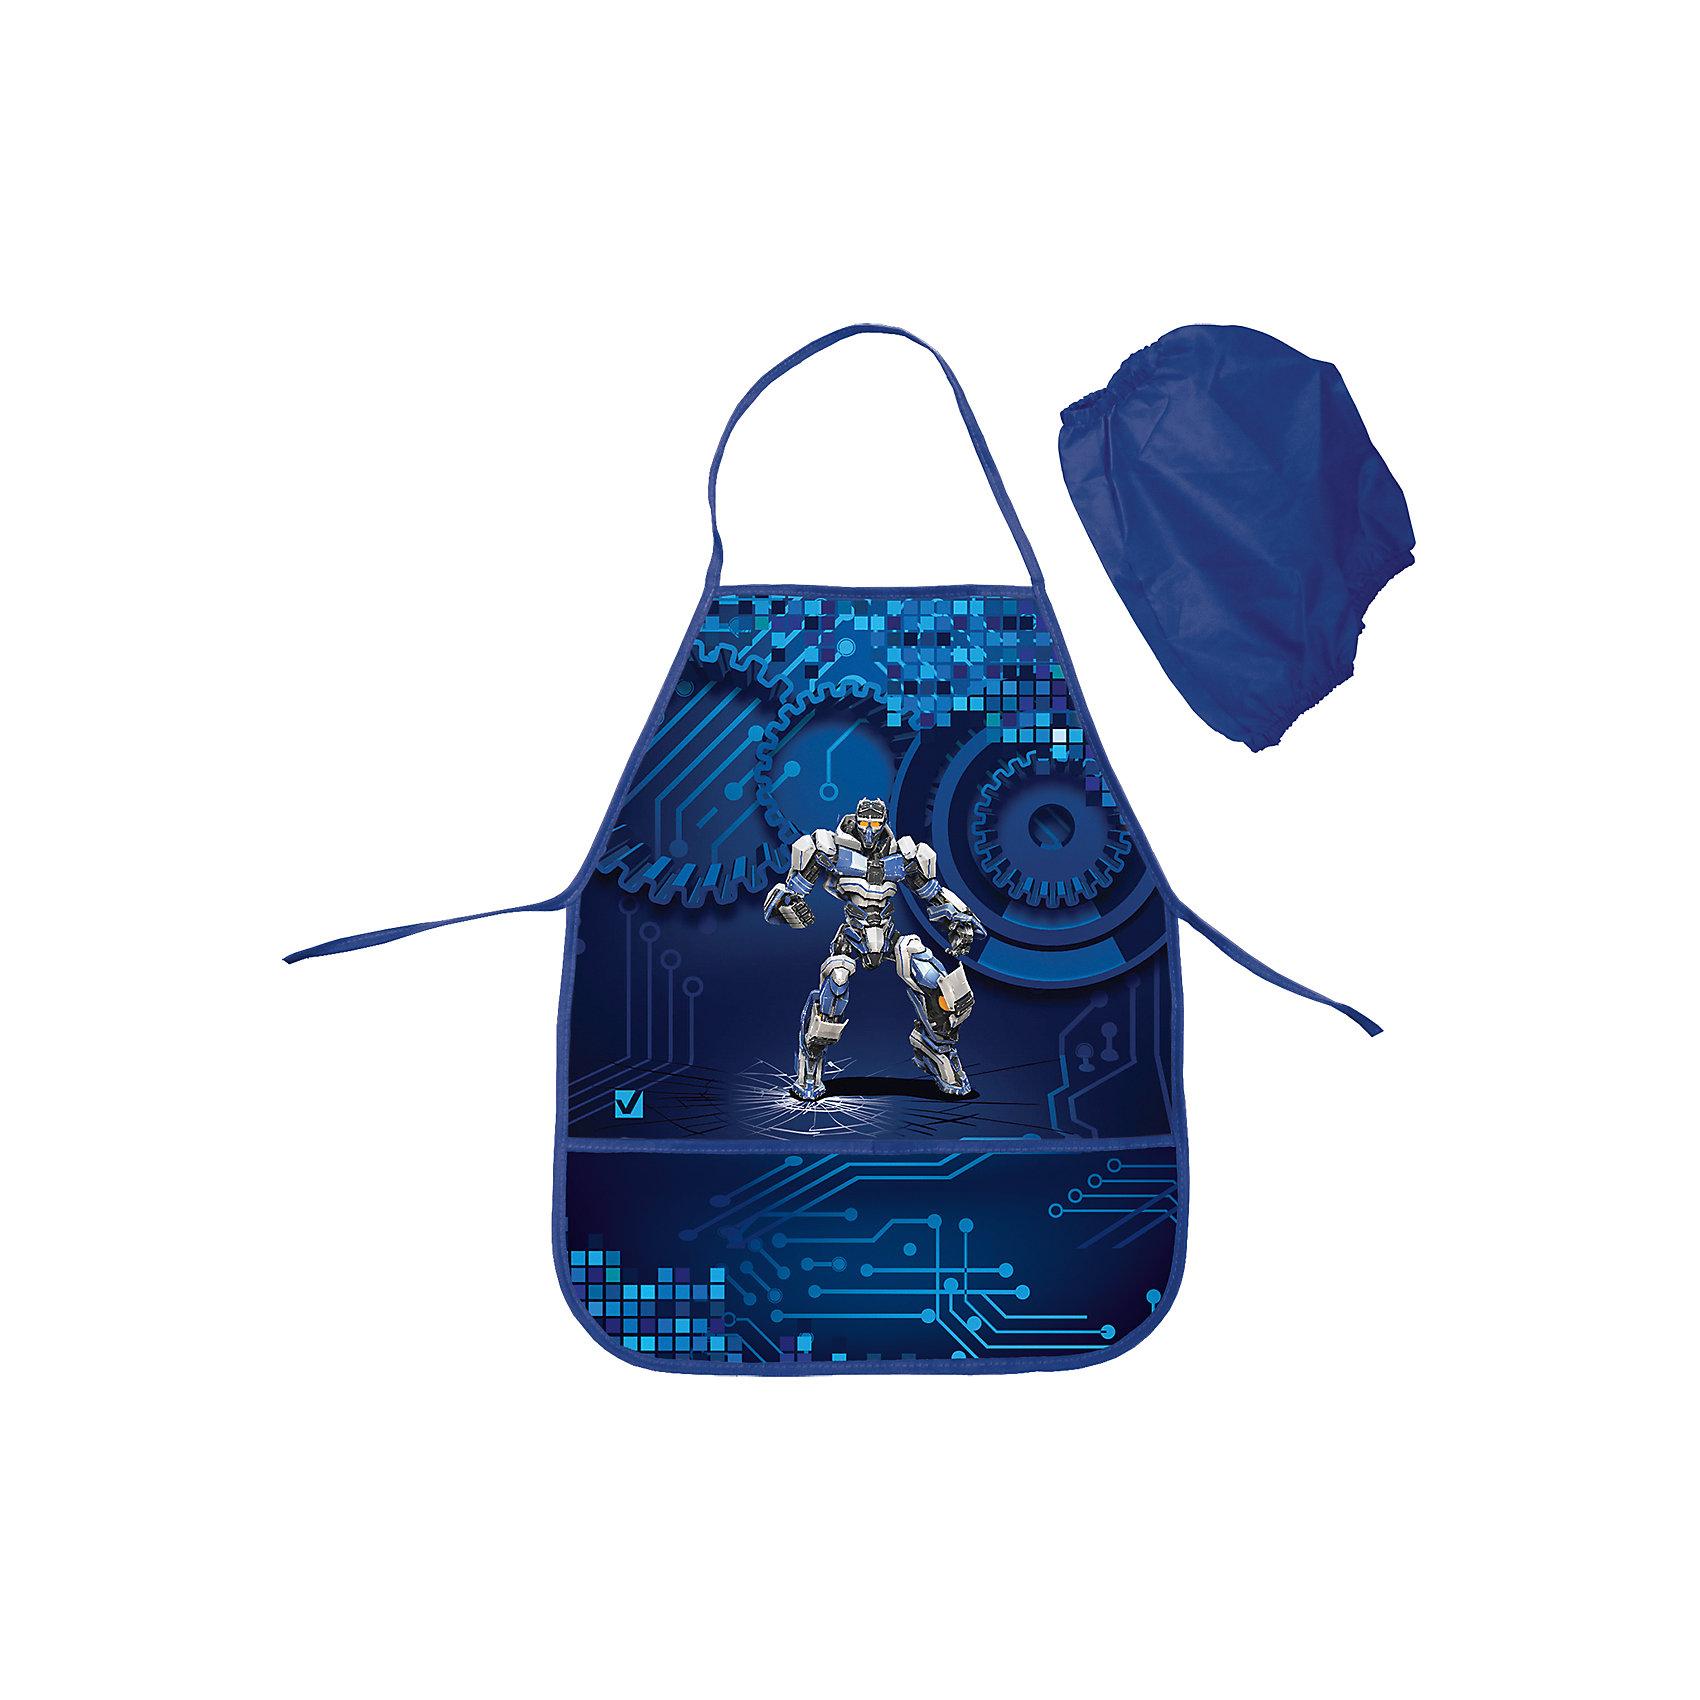 Фартук для труда РоботФартук предназначен специально для мальчиков. Он выполнена в черном и темно-синем цвете, а дополняет её изображение робота, которое привлечет внимание маленьких техников.<br><br>Дополнительная информация:<br><br>- 2 кармана.<br>- Комплектуется 2-мя нарукавниками.<br>- Размер - 50х45 см.<br>- Размер упаковки: 12х16х2,5 см.<br>-  Вес в упаковке: 80 г.<br><br>Фартук для труда Робот можно купить в нашем магазине.<br><br>Ширина мм: 120<br>Глубина мм: 160<br>Высота мм: 25<br>Вес г: 80<br>Возраст от месяцев: 72<br>Возраст до месяцев: 2147483647<br>Пол: Мужской<br>Возраст: Детский<br>SKU: 4792777